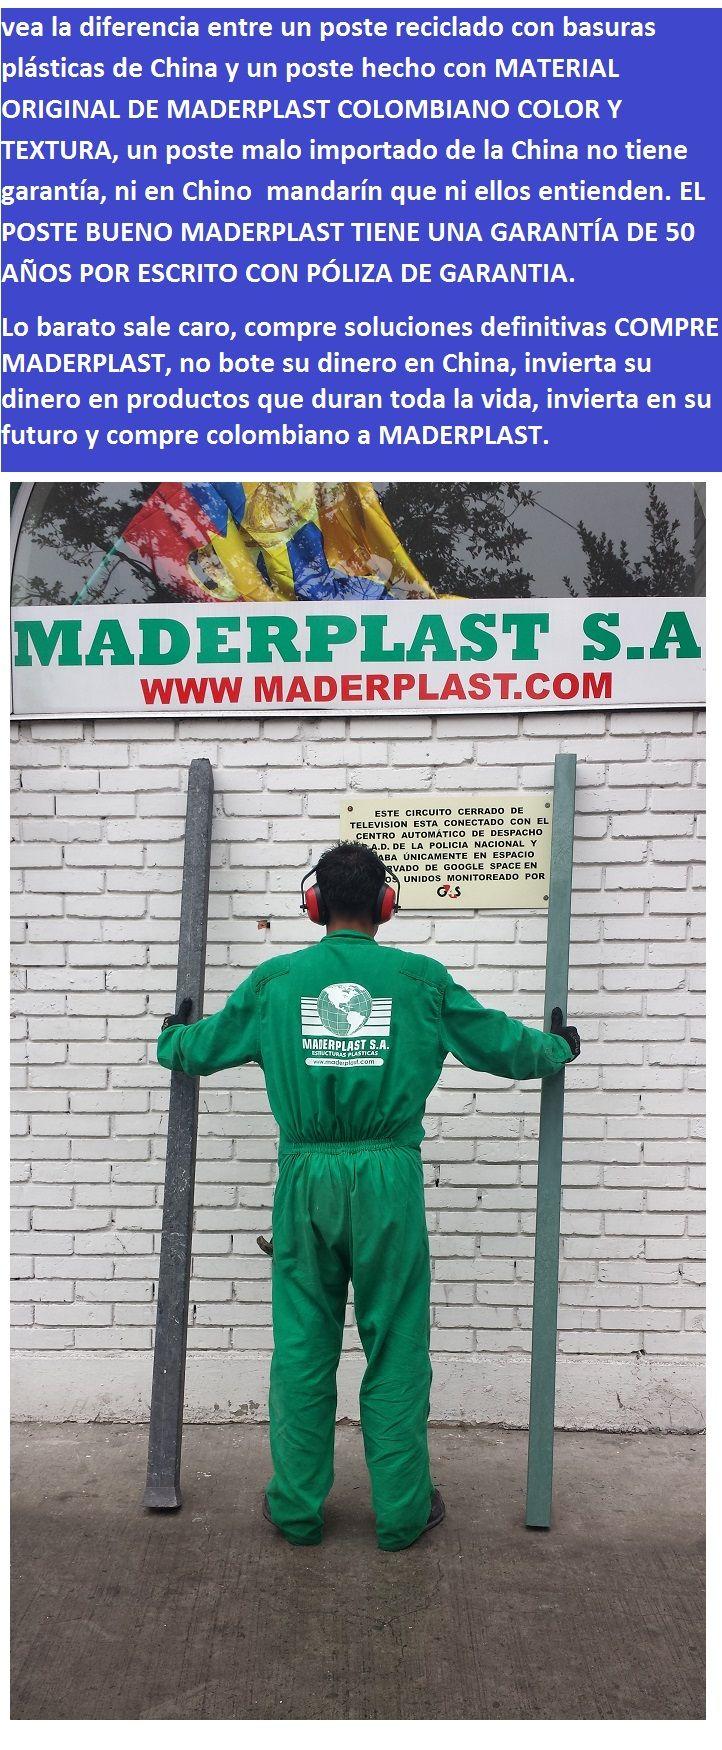 vea la diferencia entre un poste reciclado con basuras plásticas de china o la india y un poste hecho con material original de maderplast colombiano color textura calidad durabilidad dureza  01 vea la diferencia entre un poste reciclado con basuras plásticas de china o la india y un poste hecho con material original de maderplast colombiano color textura calidad durabilidad dureza